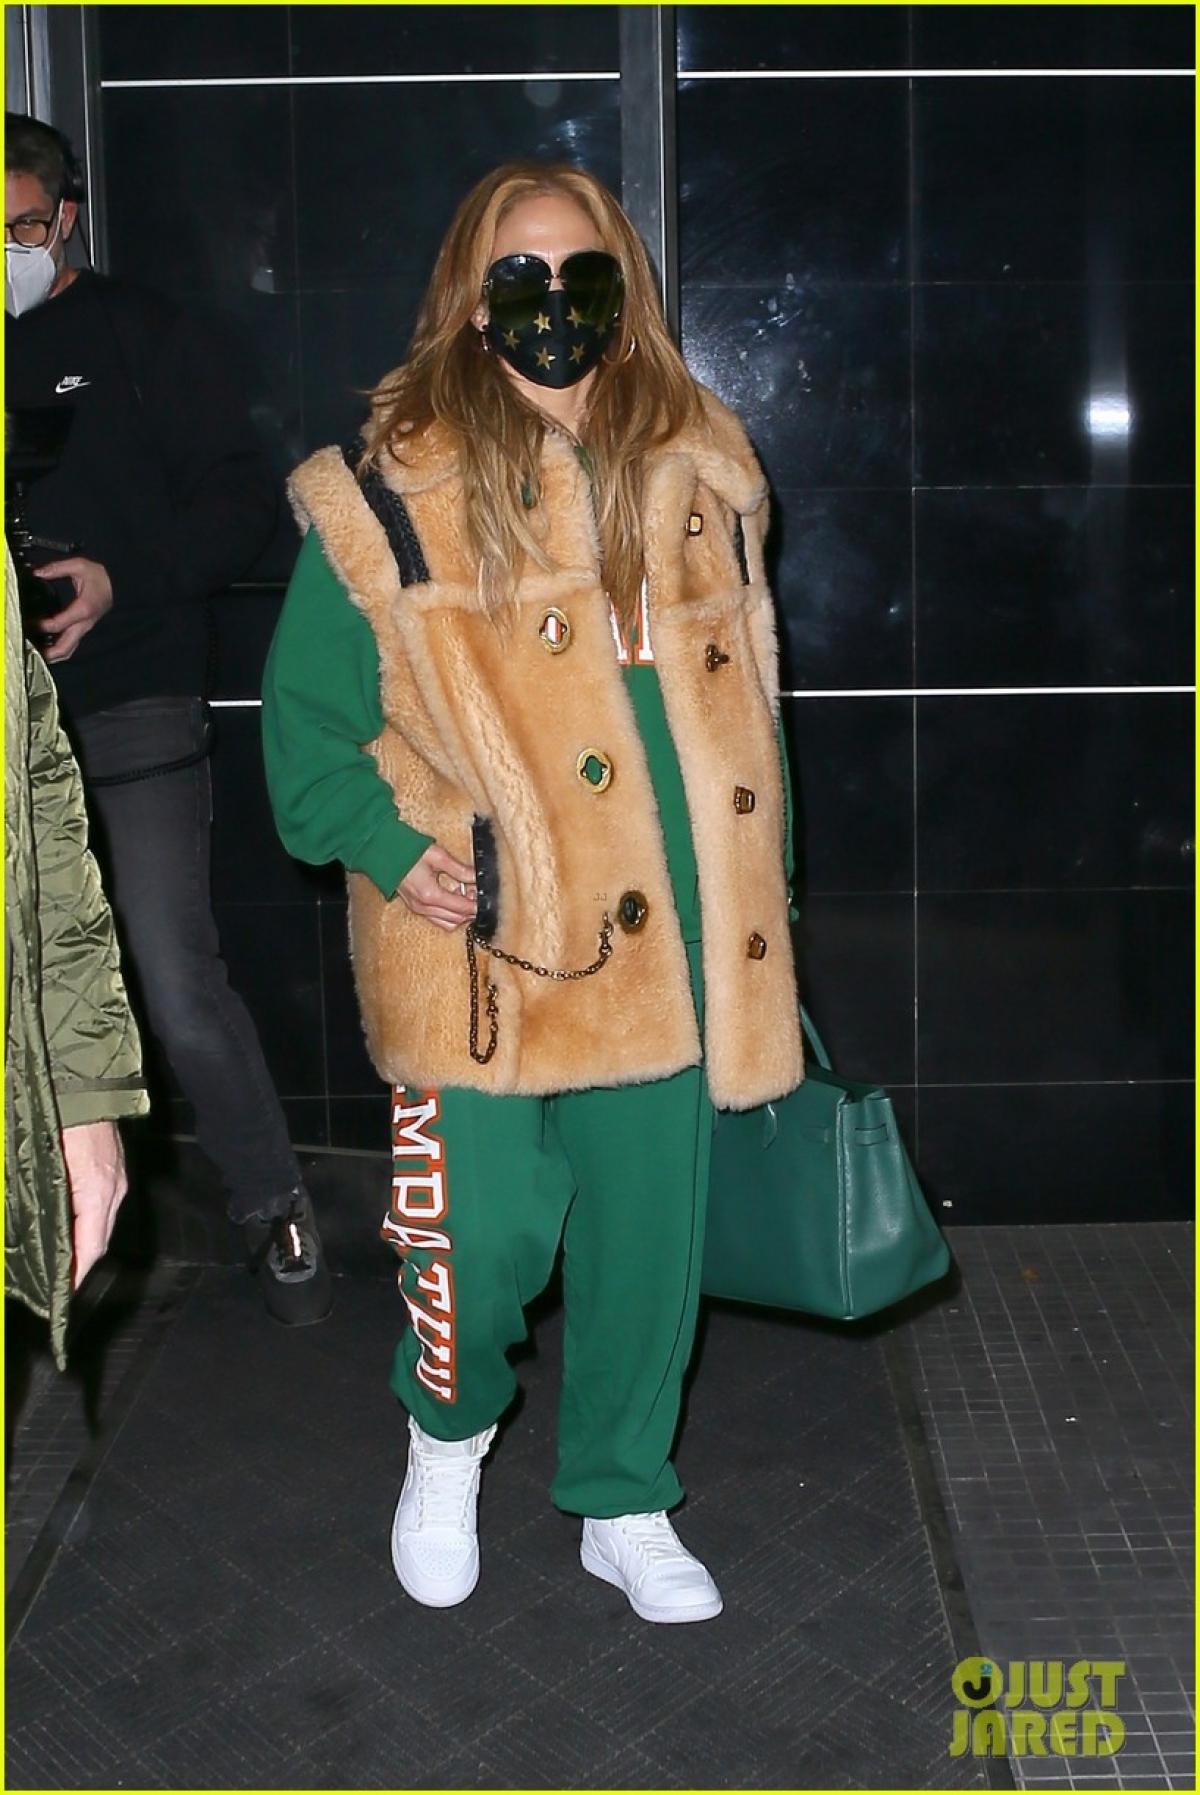 Jennifer Lopez thu hút mọi ánh nhìn khi rời trường quay ở New York ngày 28/12 vừa qua, theo giờ địa phương.